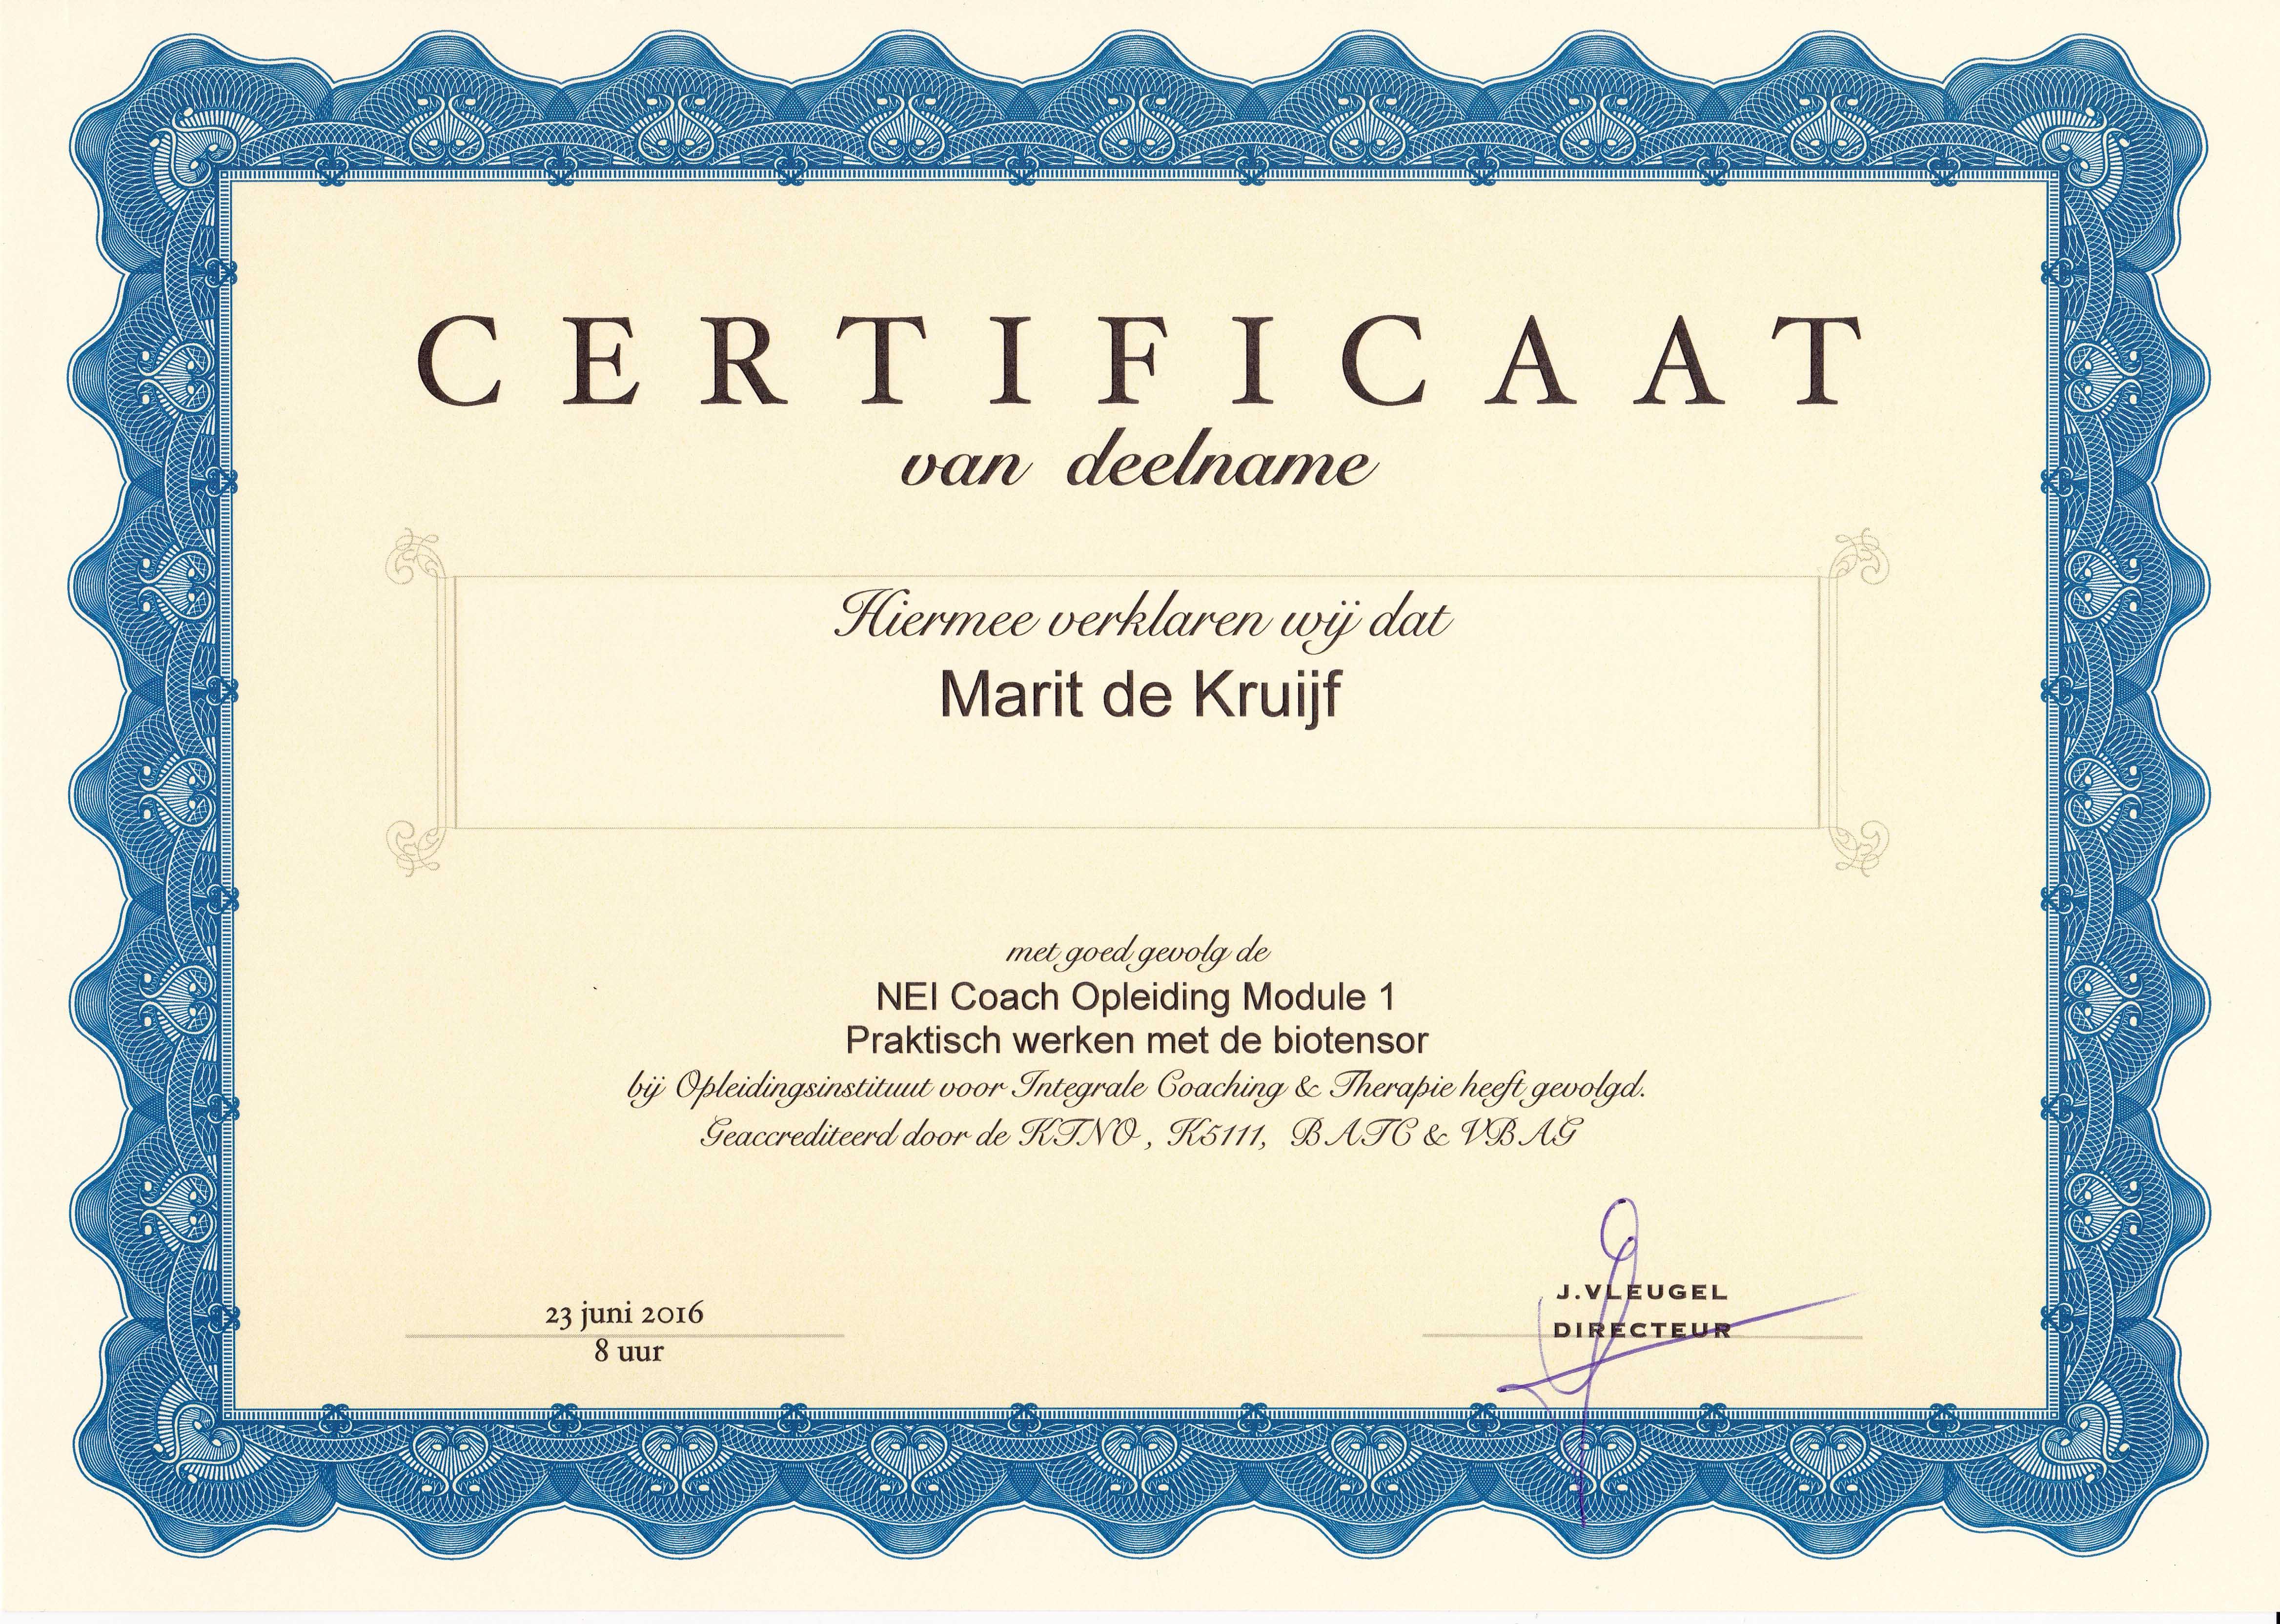 certificaat-van-deelname-nei-coach-opleiding-1-website